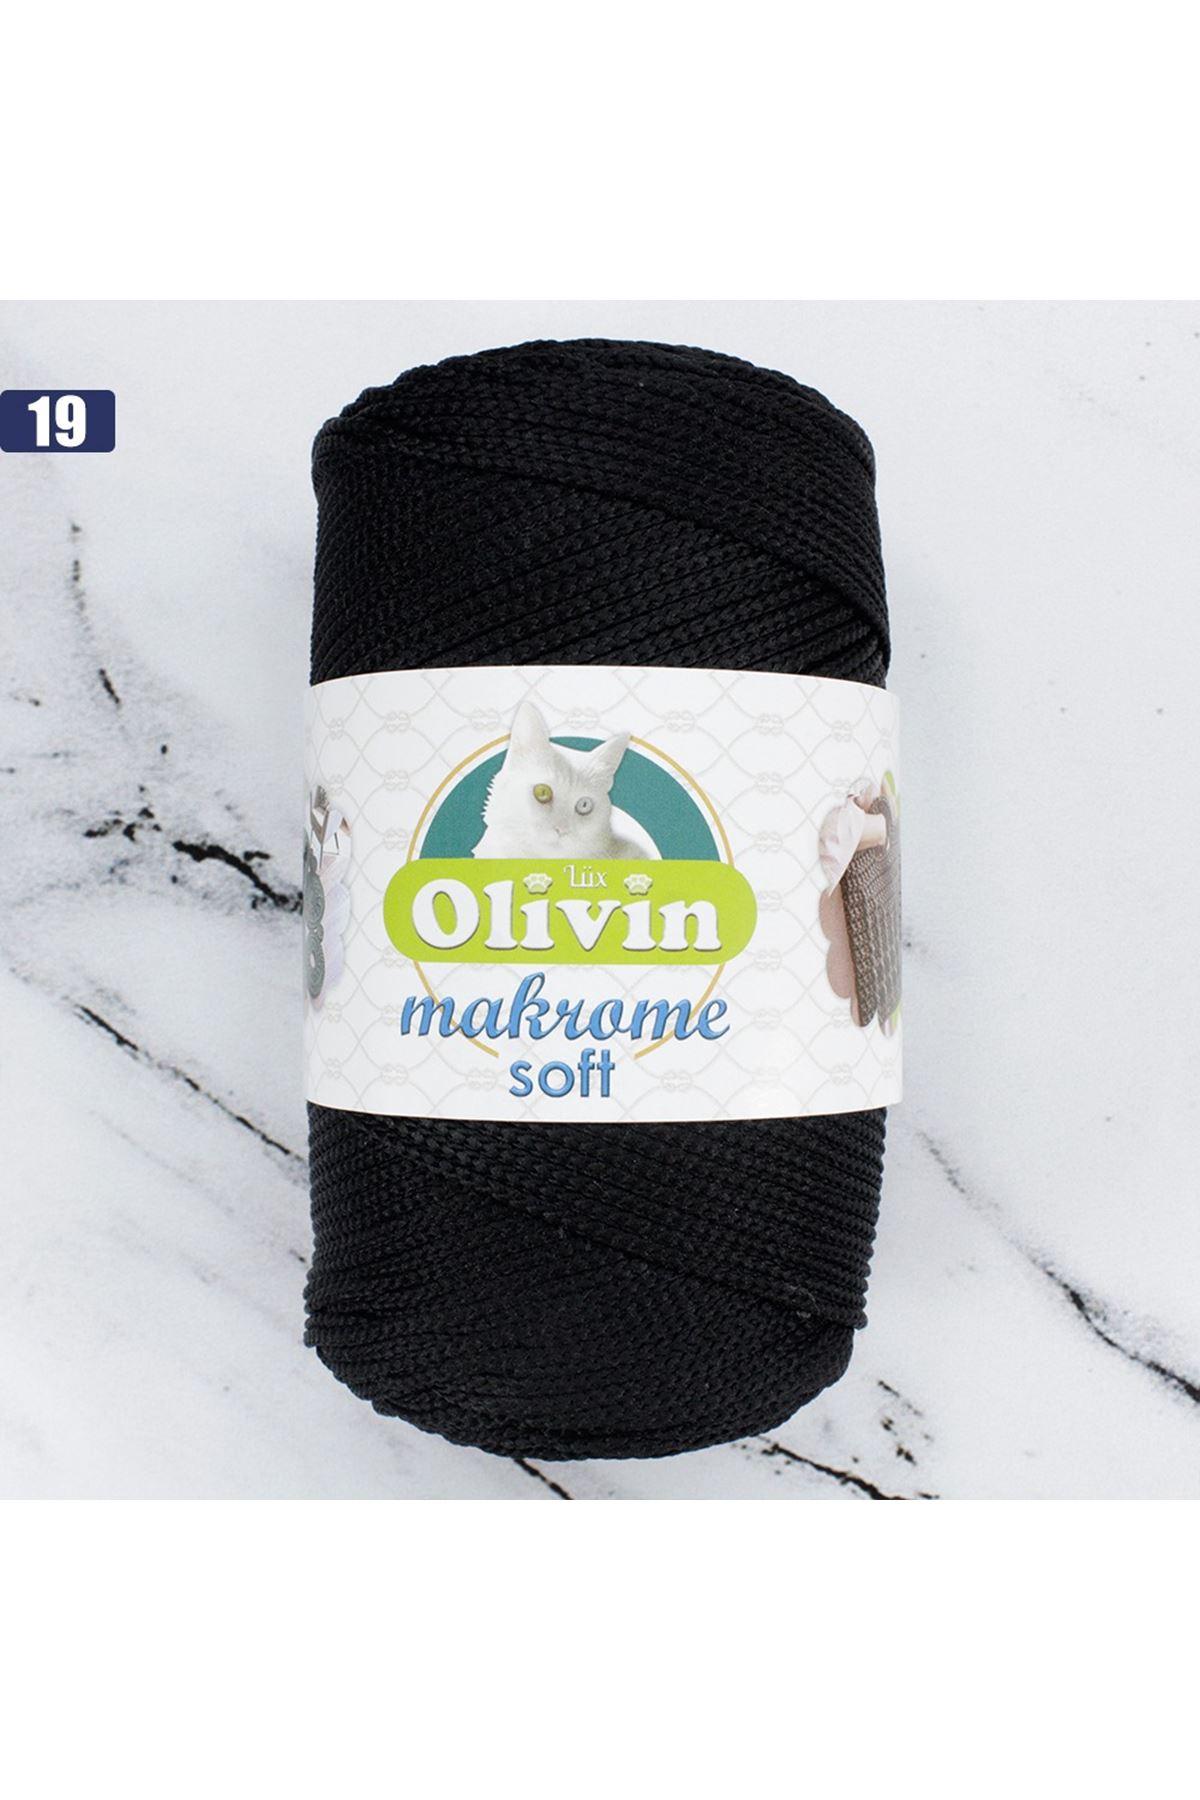 Olivin Makrome Soft 19